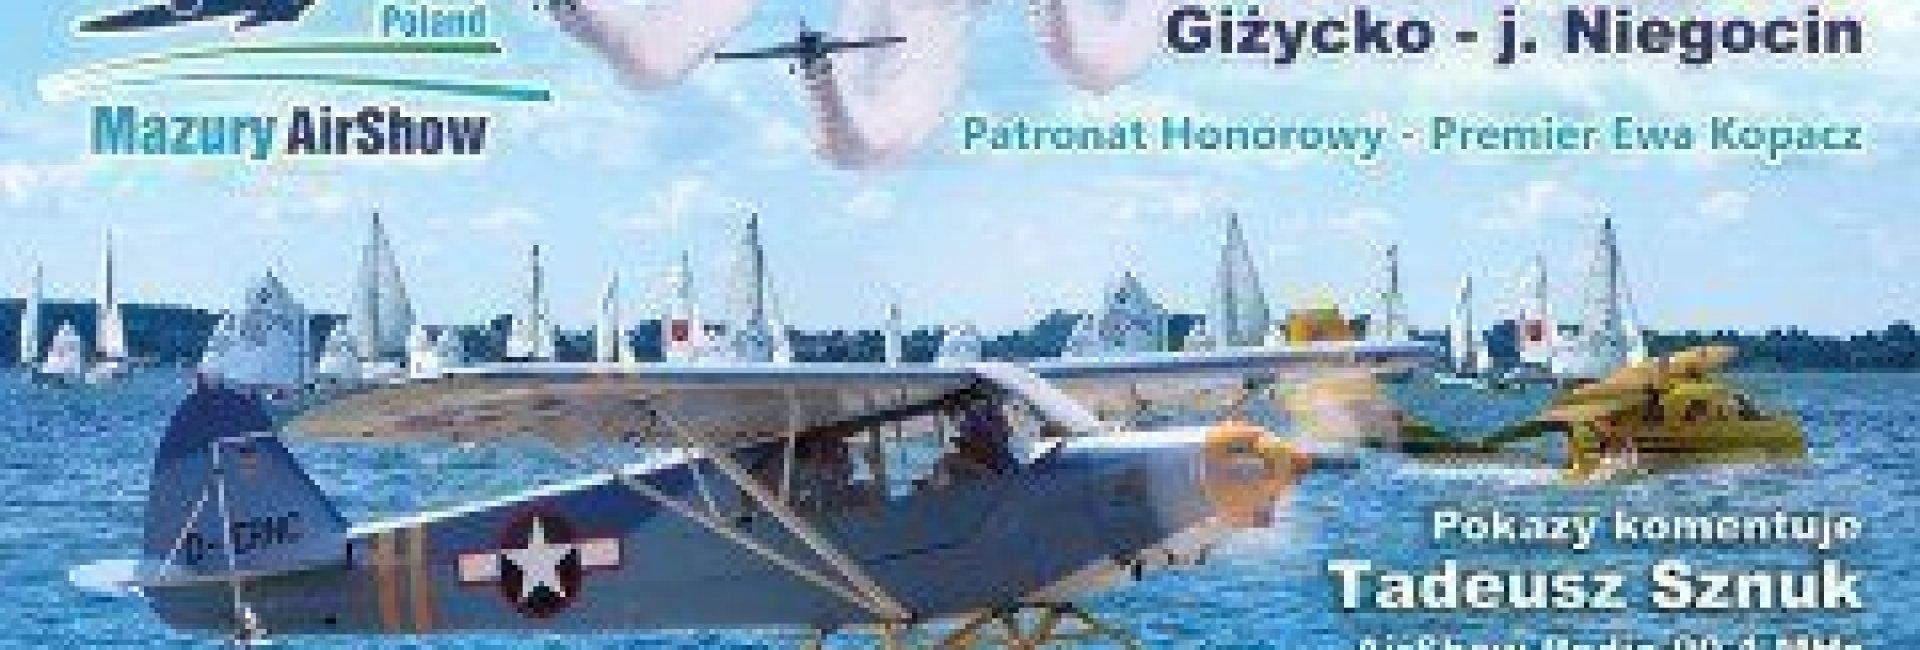 MAZURY AIR SHOW 2015